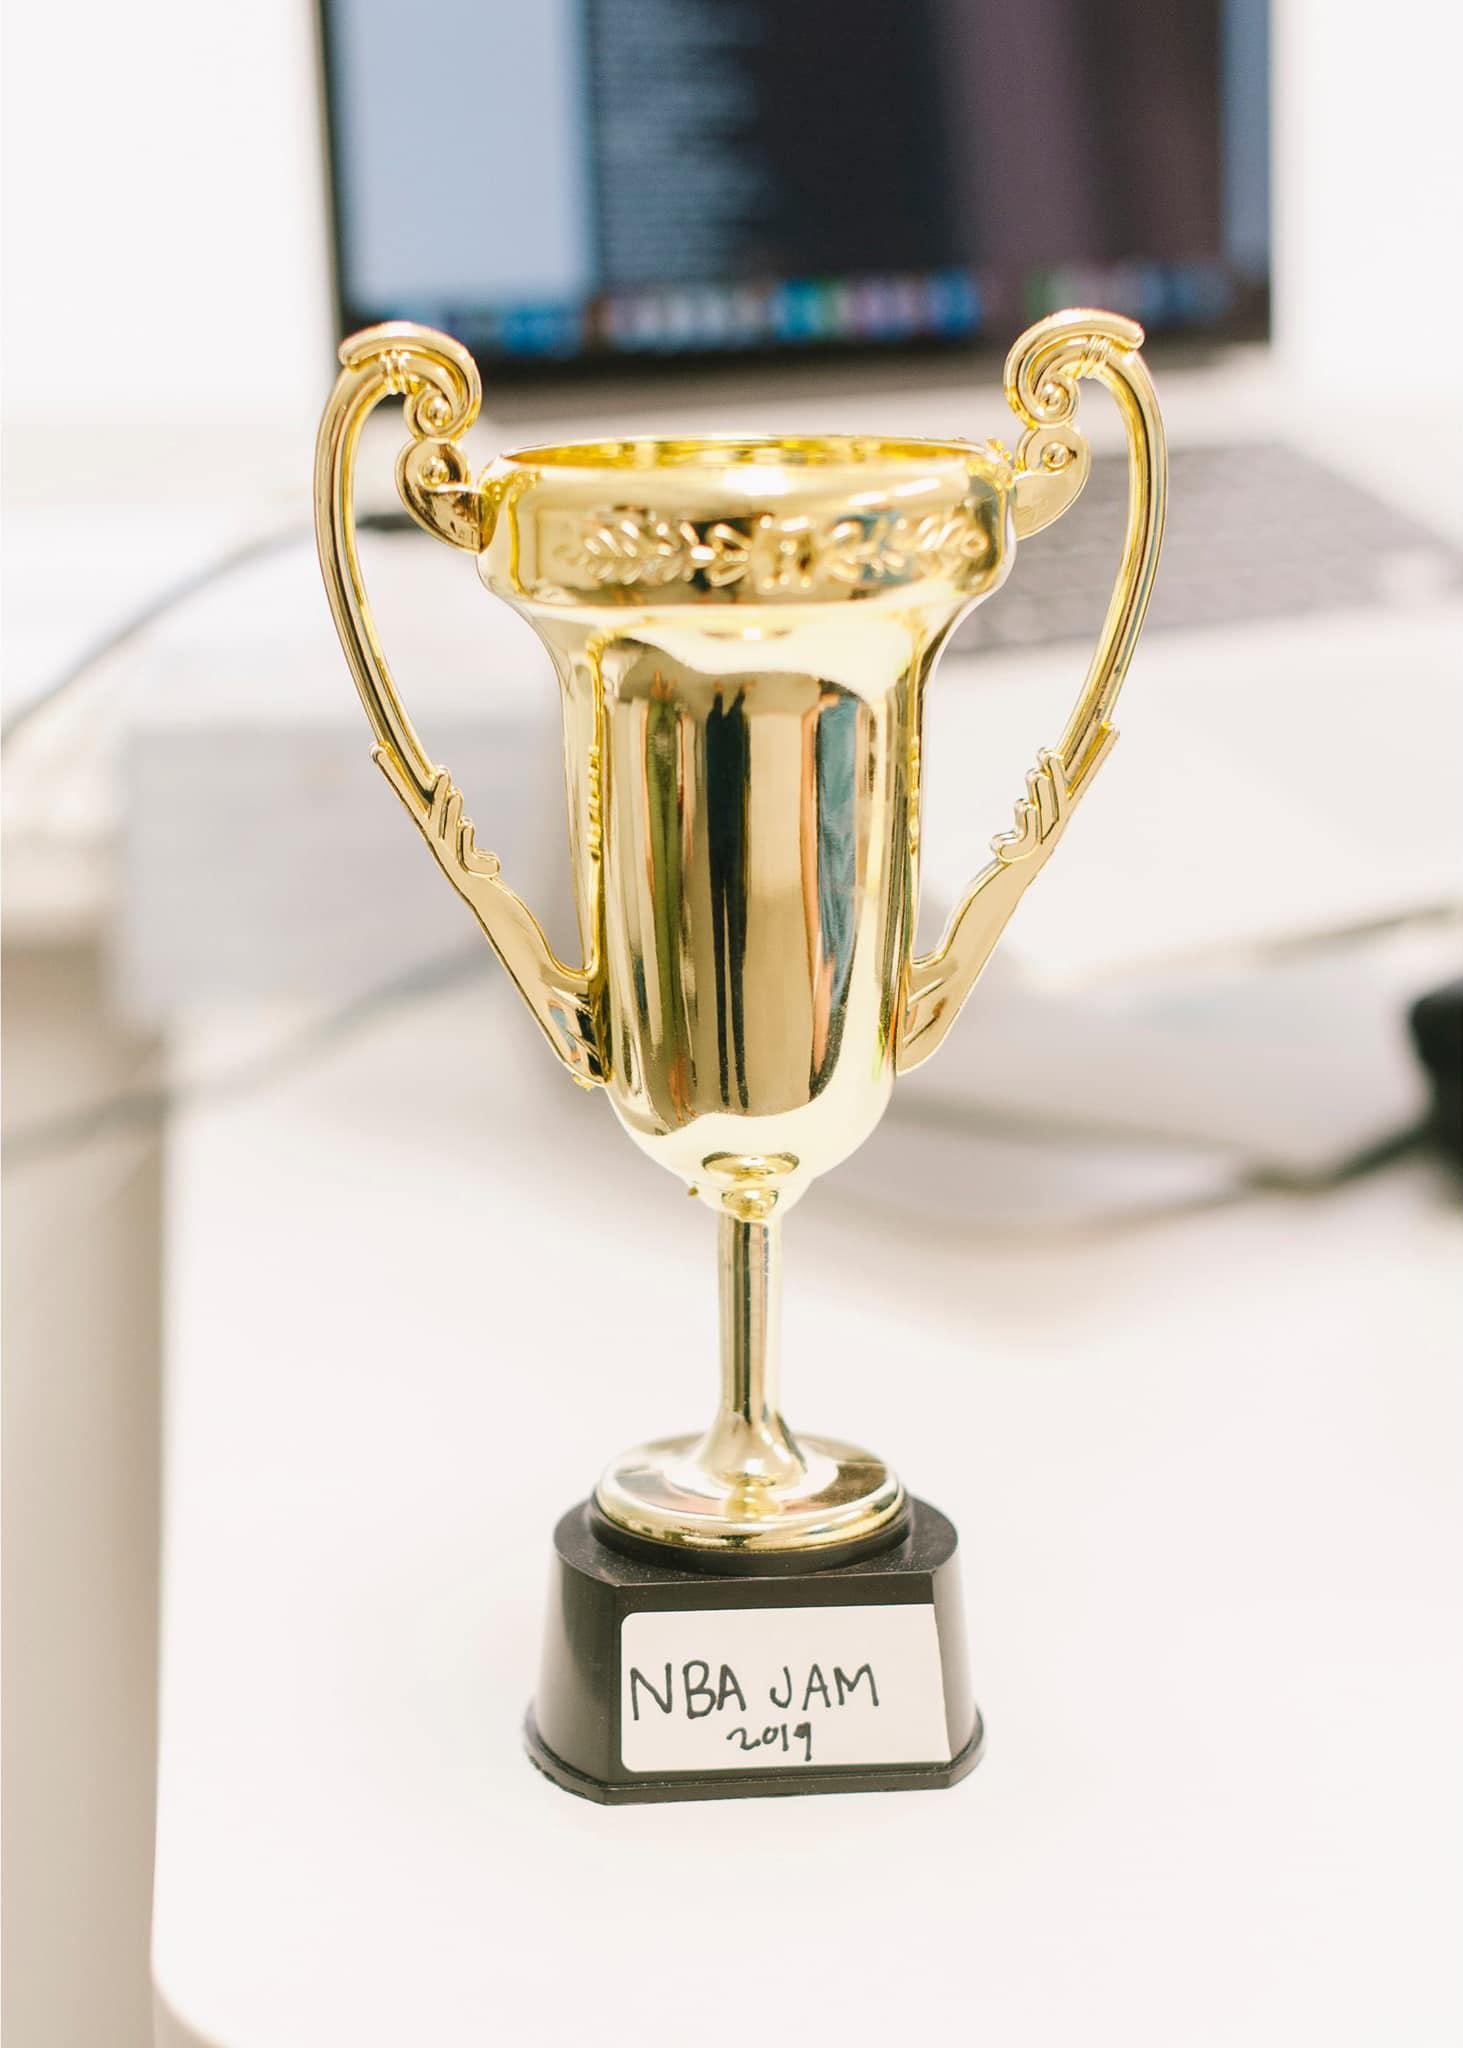 NBA Jam Trophy